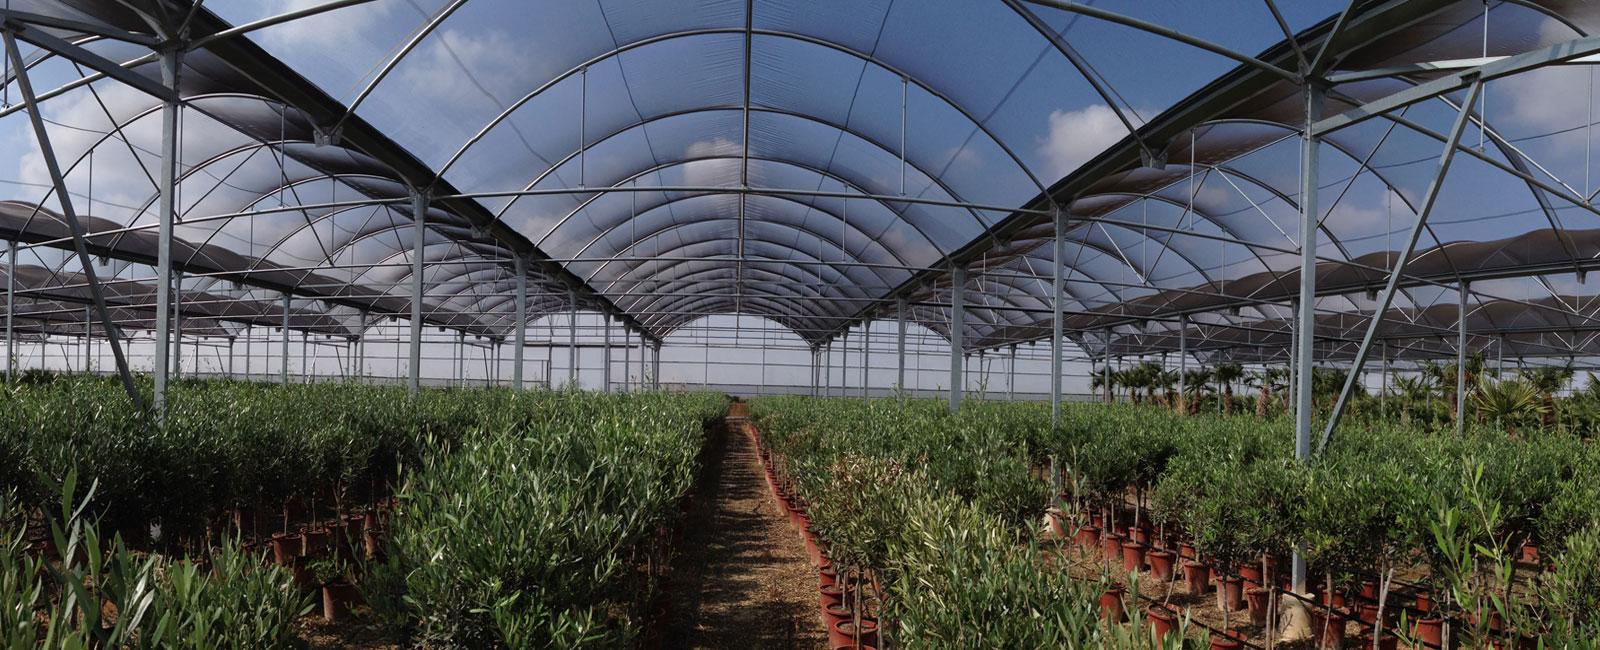 Umbráculos para cultivo